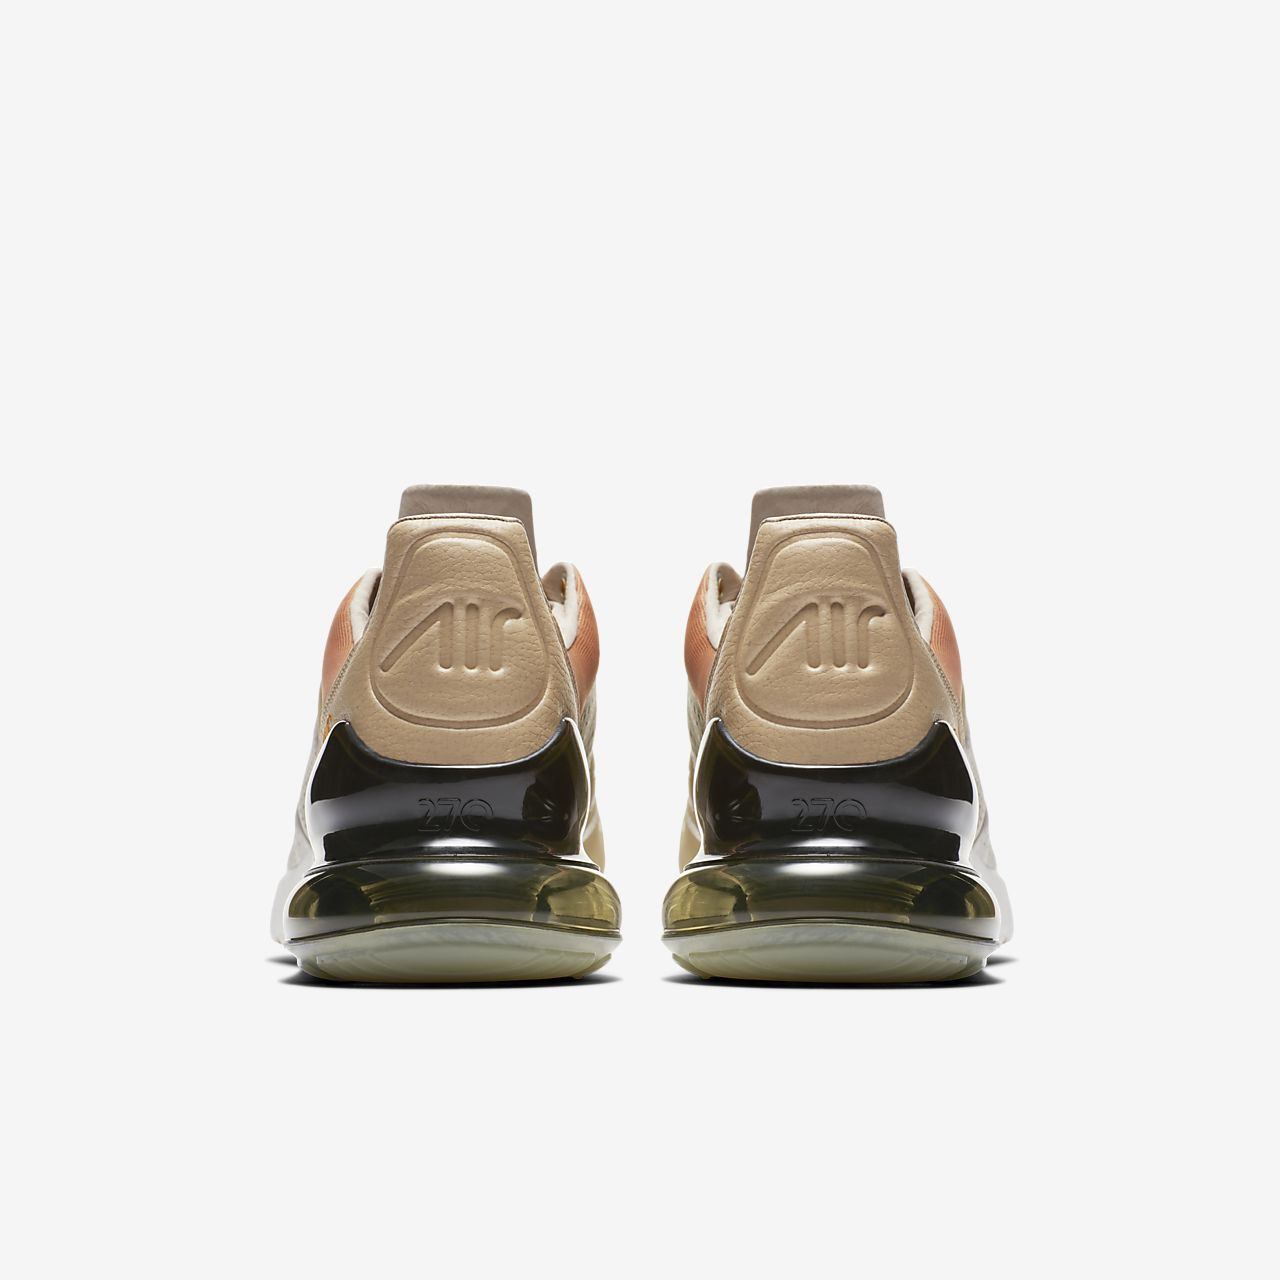 Nike Air Max 270 Premium Herrenschuh Mode Mode Mode Und die nach Zeitlosem sucht-AR1909DS   475d4d